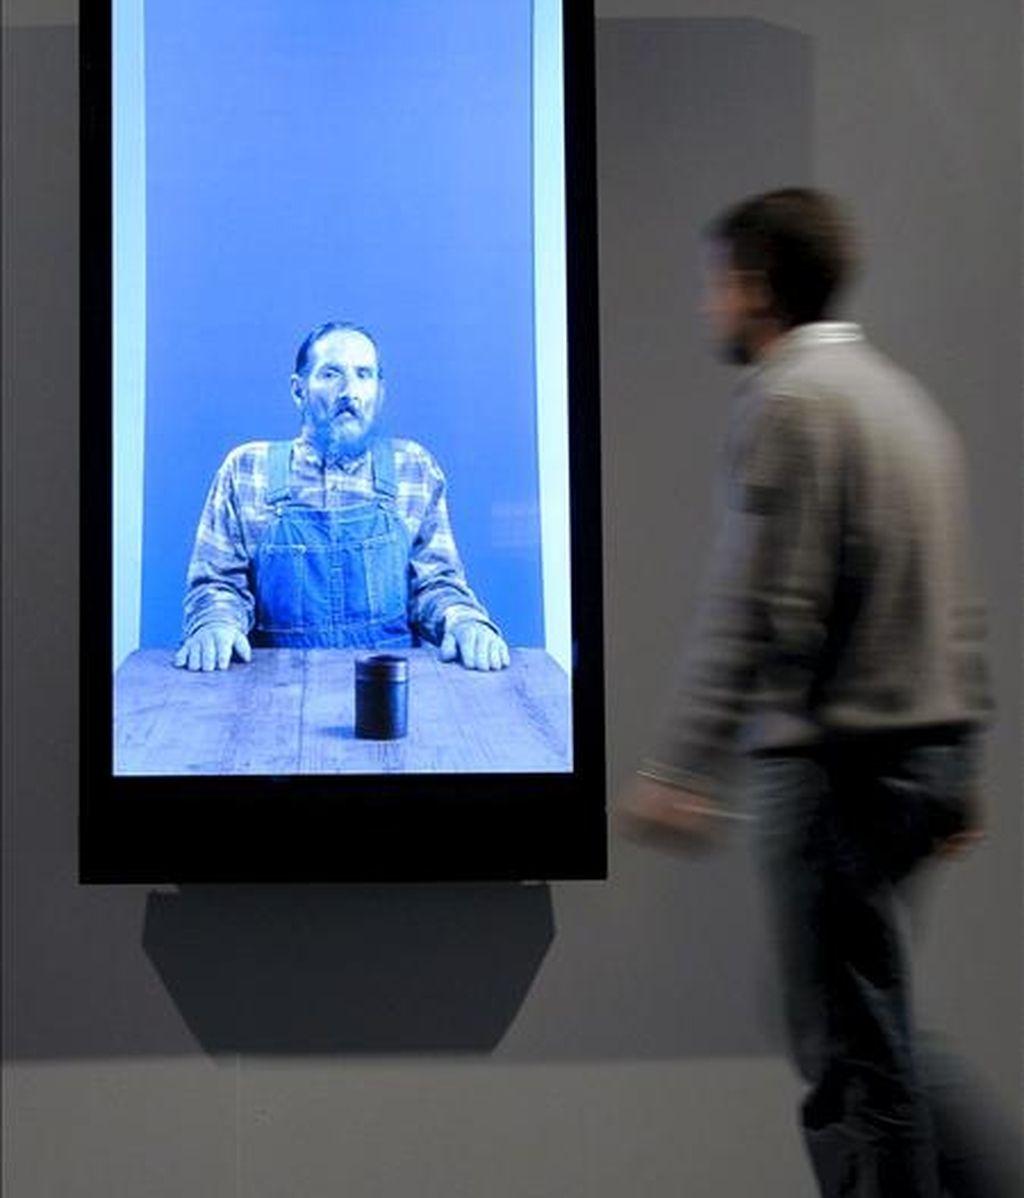 Una persona observa algunas de las obras del artista estadounidense Robert Wilson dentro de una serie de vídeo-retratos concebidos como un ensayo sobre la coreografía y la sincronización de gestos, que desde hoy se pueden contemplar en distintas salas de exposiciones de Valladolid. EFE